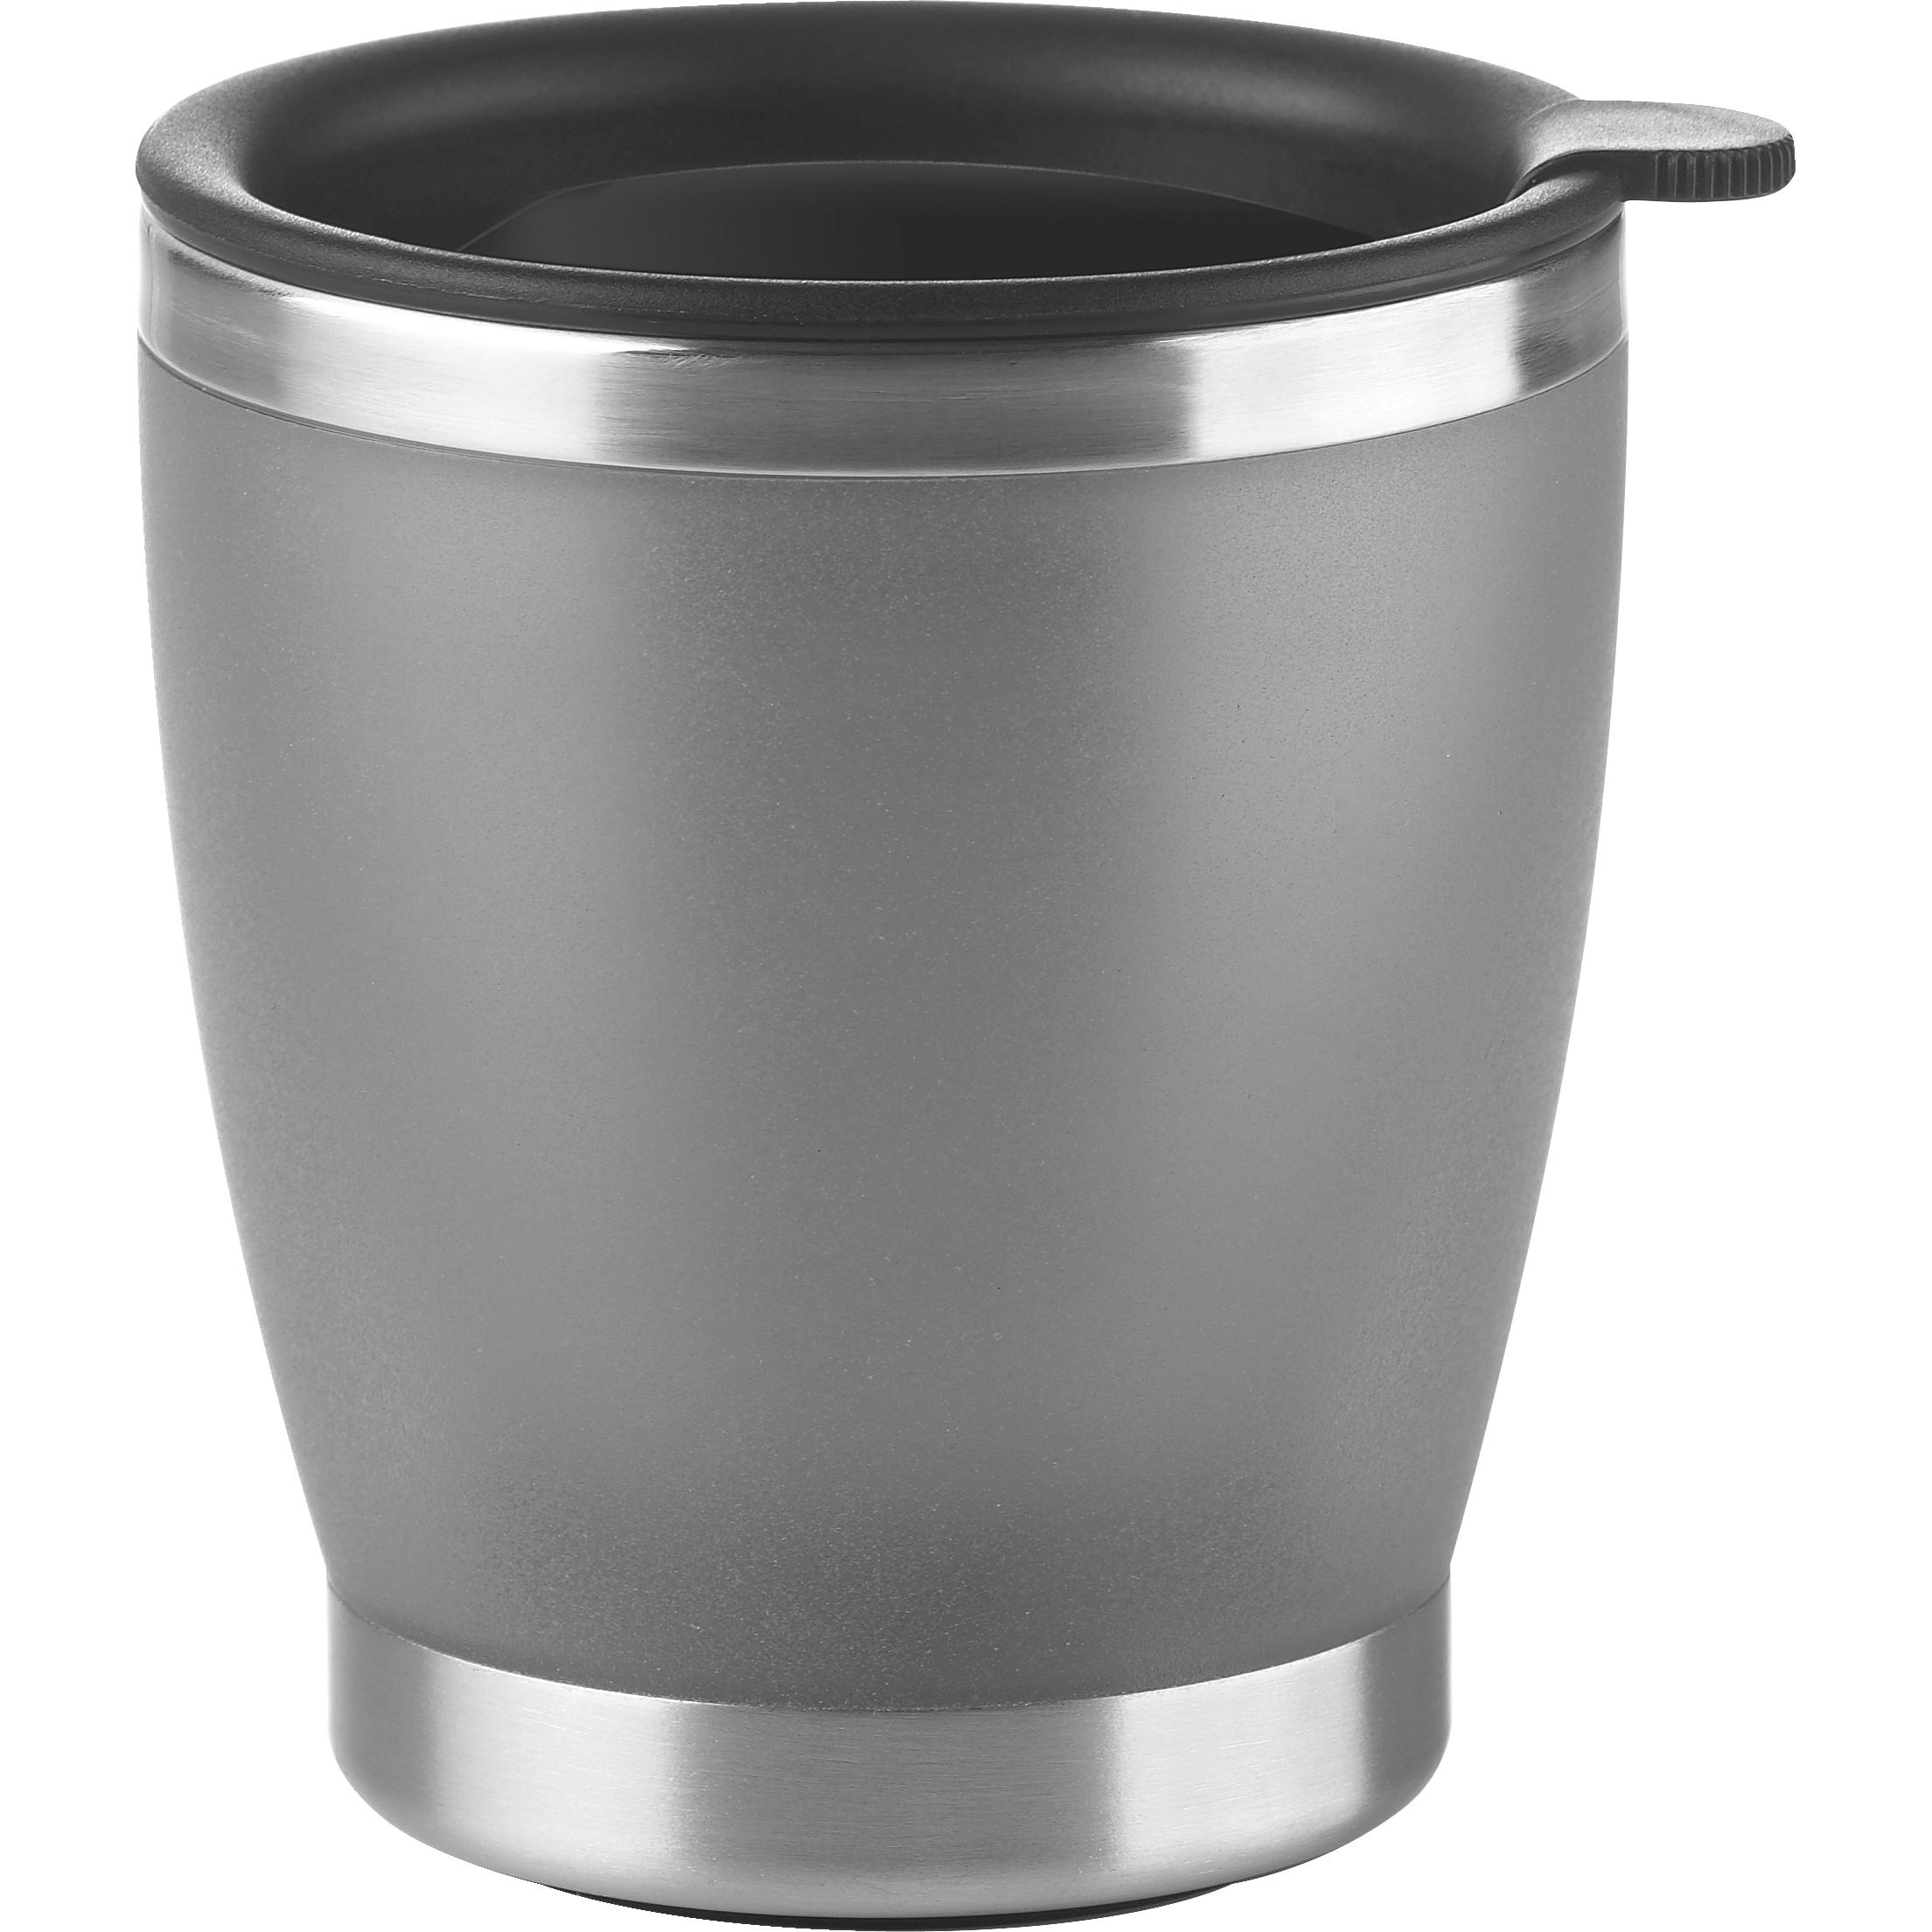 EMSA 50840 CITY CUP Isolierbecher 0,2 L Edelstahl/Silber mit Deckel - ideal für Vollautomaten und Kapselmaschinen